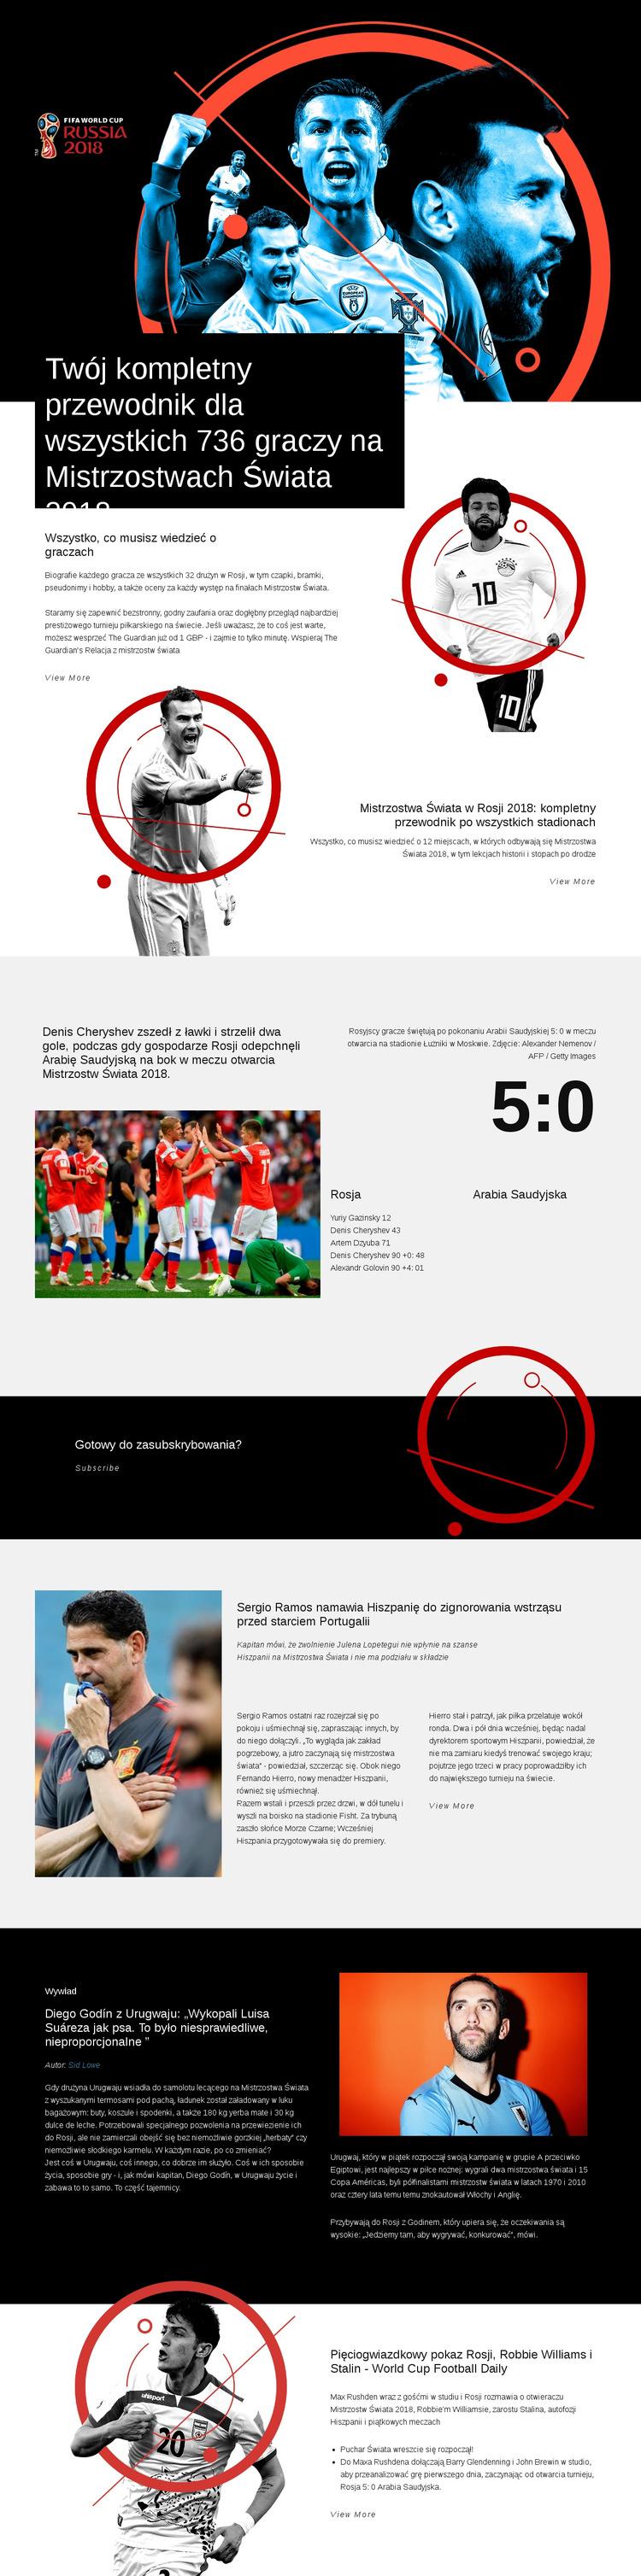 Mistrzostwa Świata 2018 Szablon witryny sieci Web